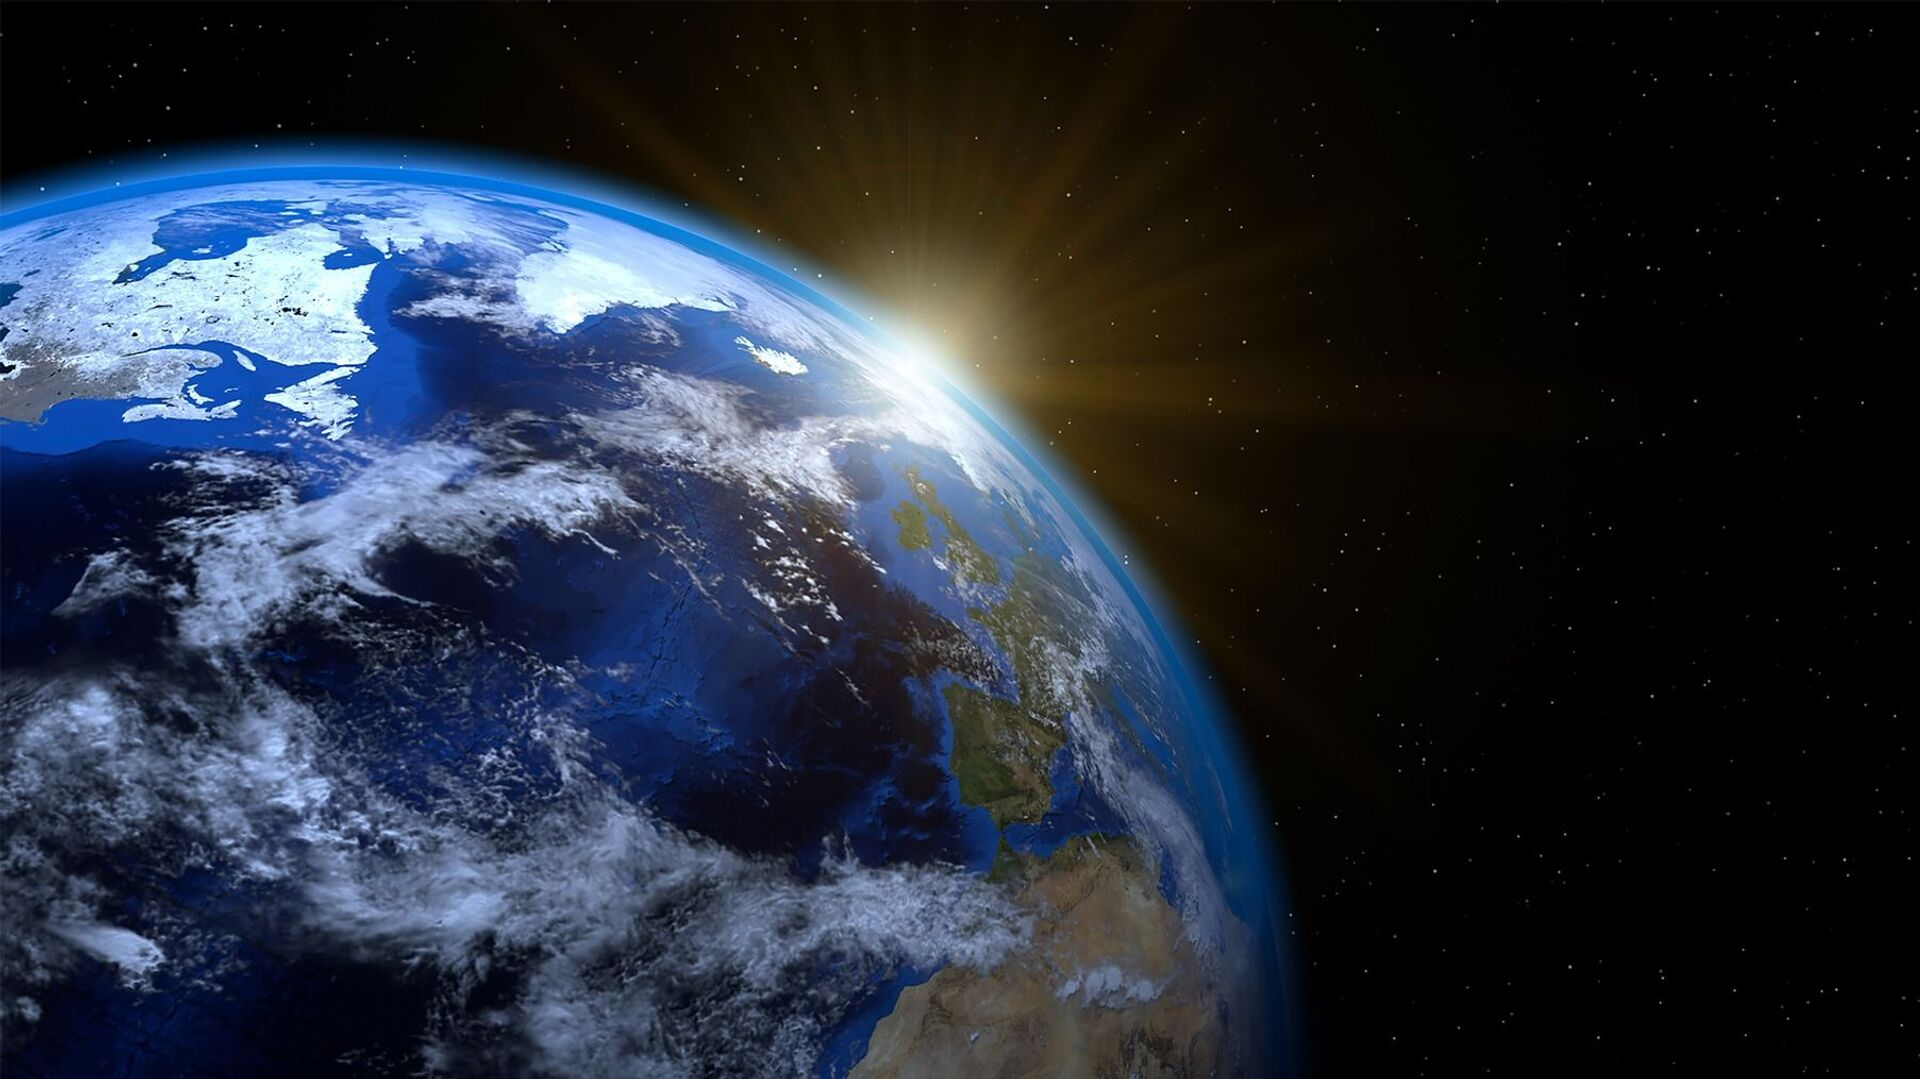 Планета Земља и Сунце - Sputnik Србија, 1920, 08.06.2021